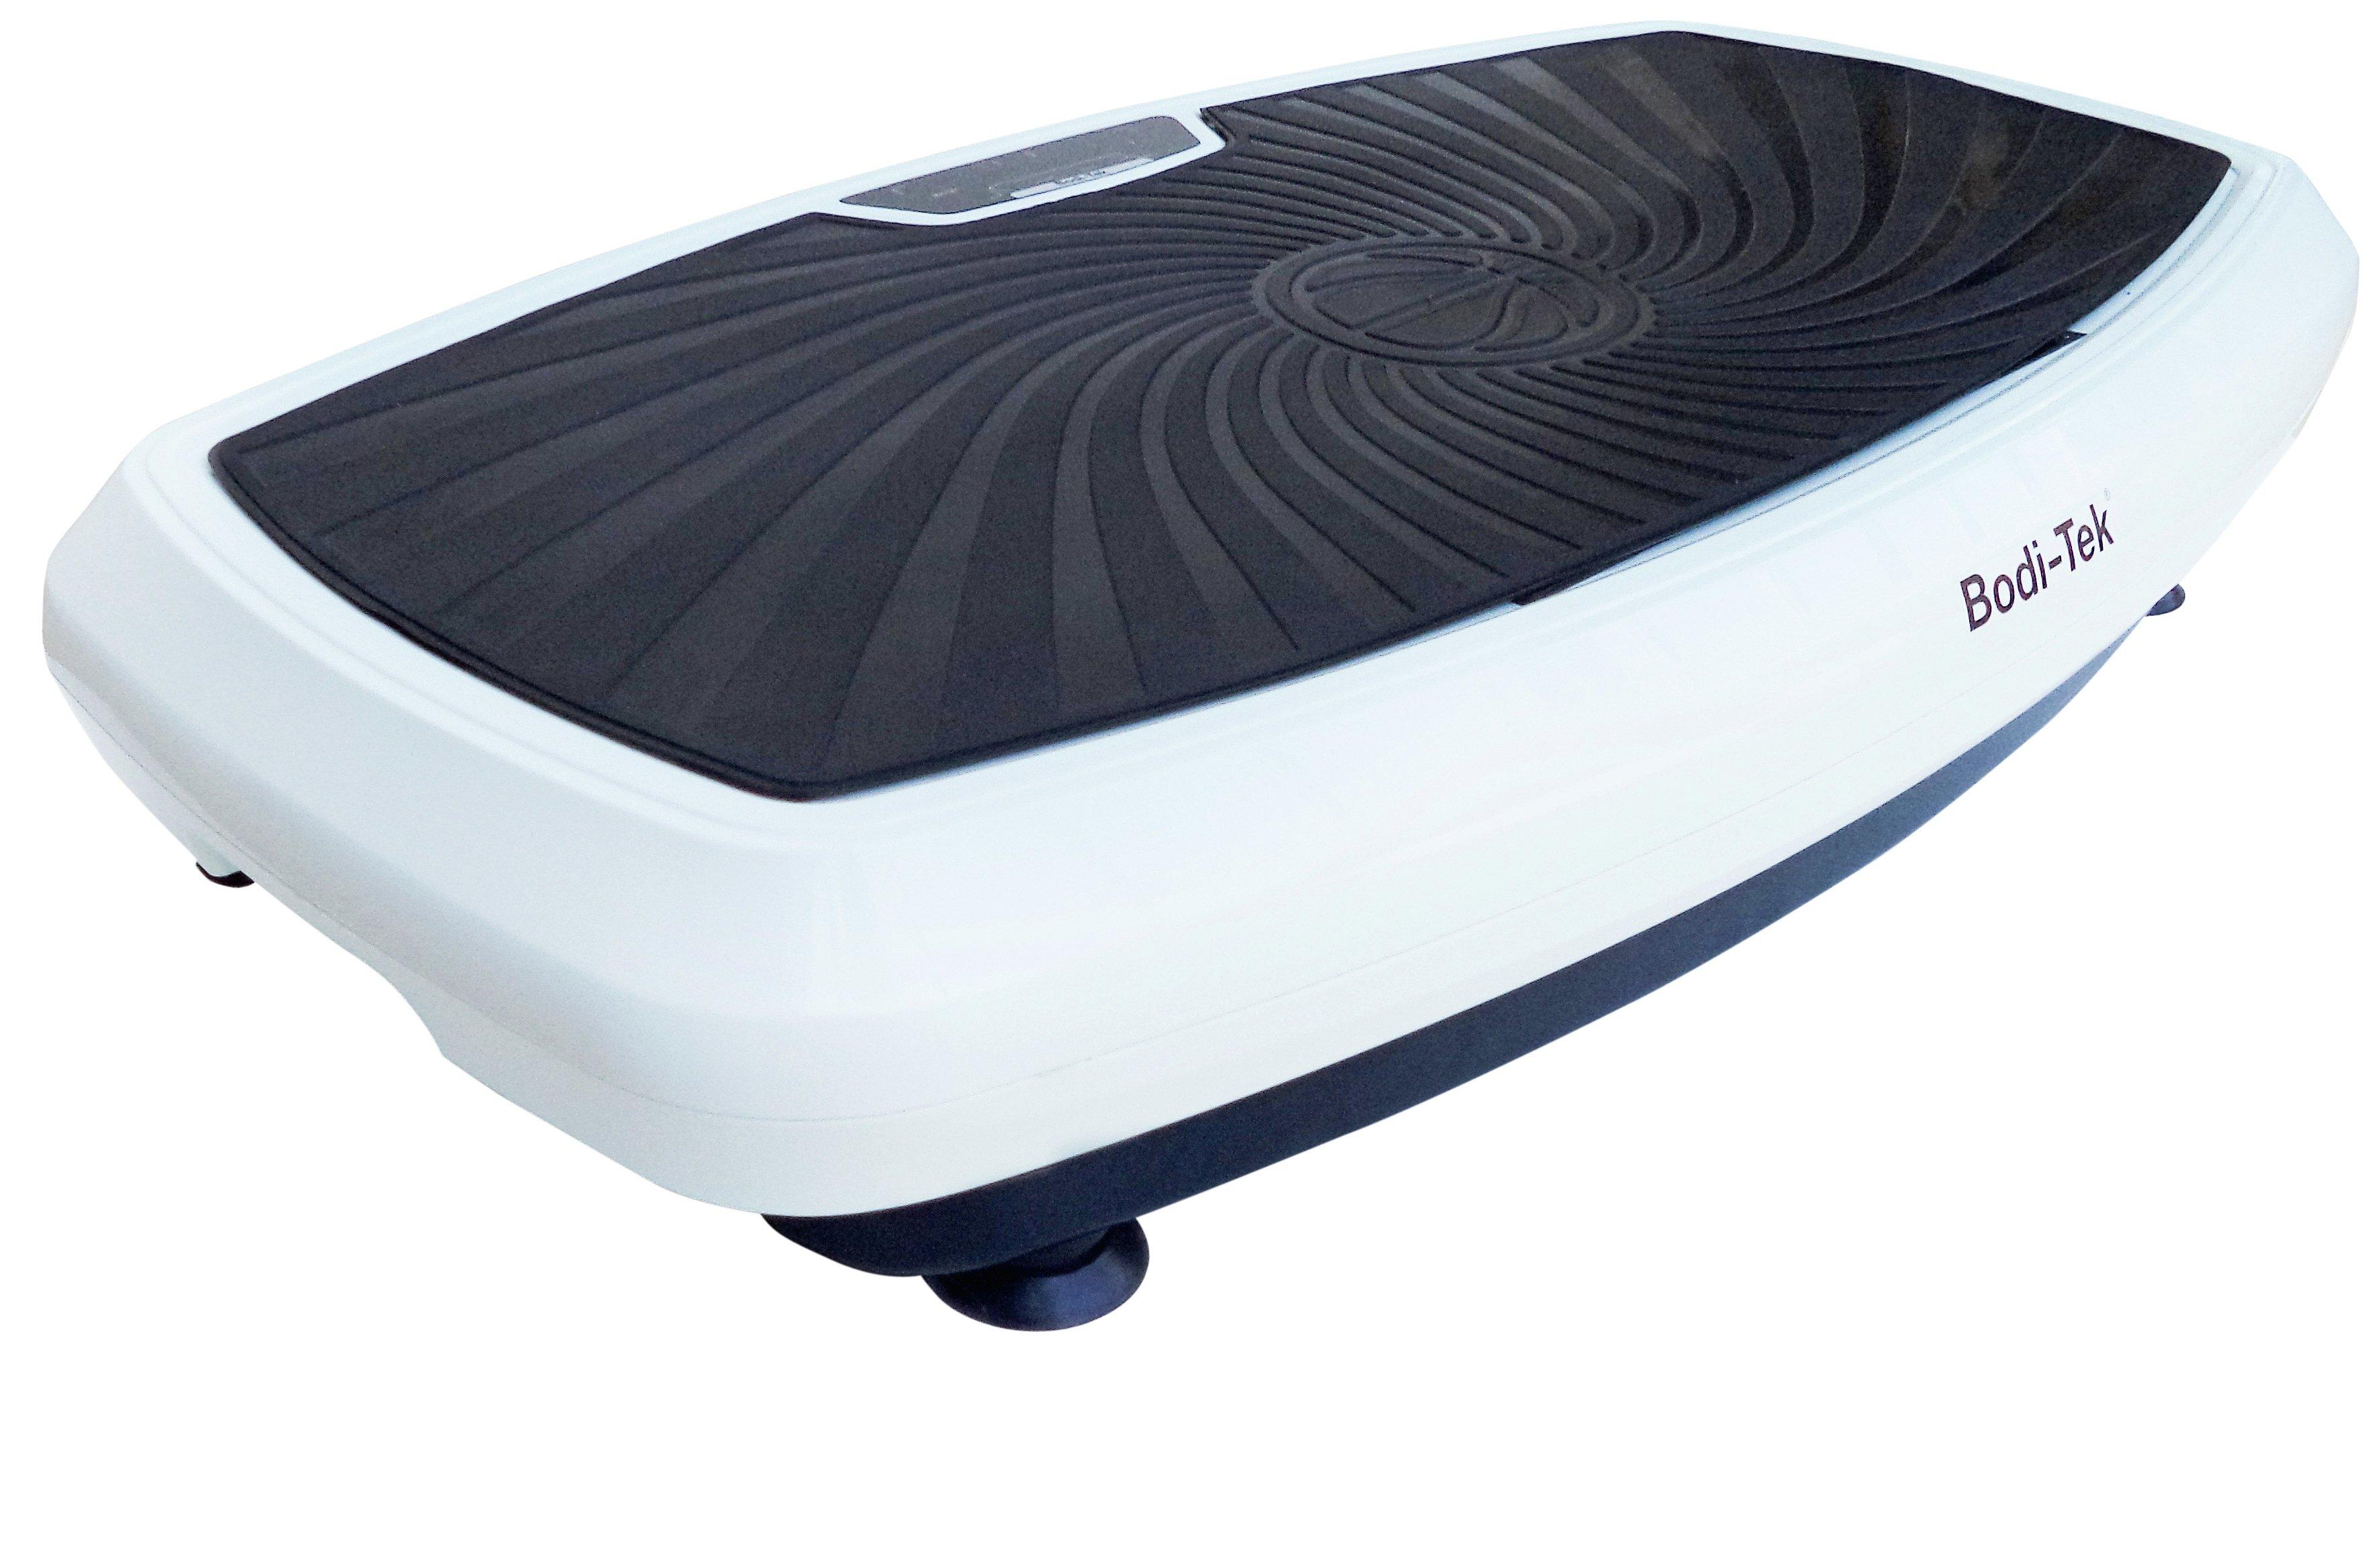 Image of Bodi-Tek Vibration Training Gym Plate